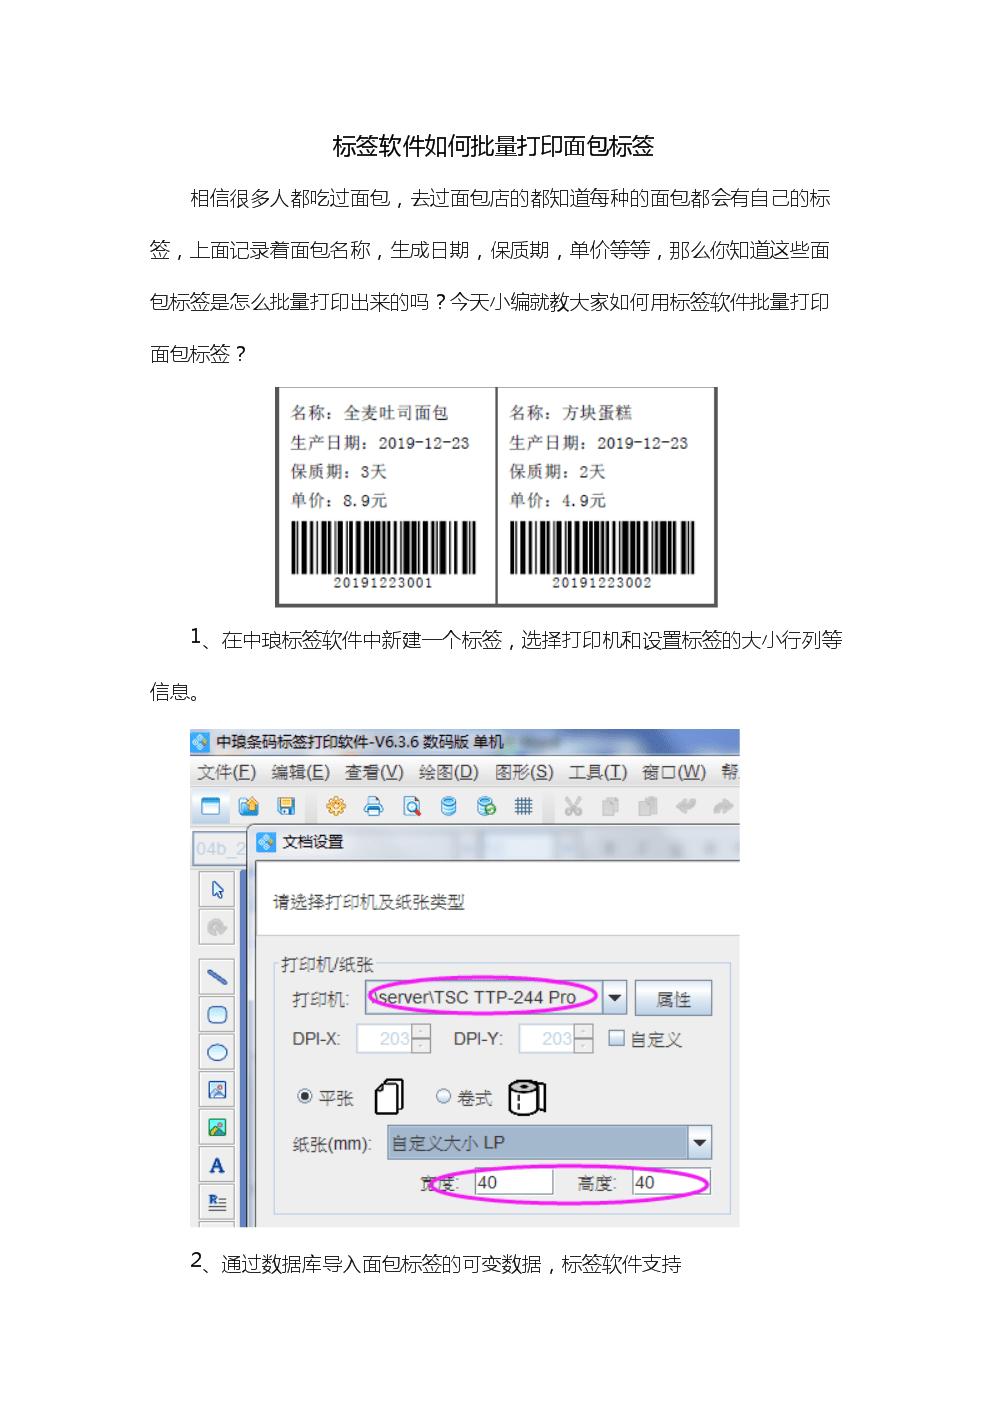 标签软件如何批量打印面包标签.doc